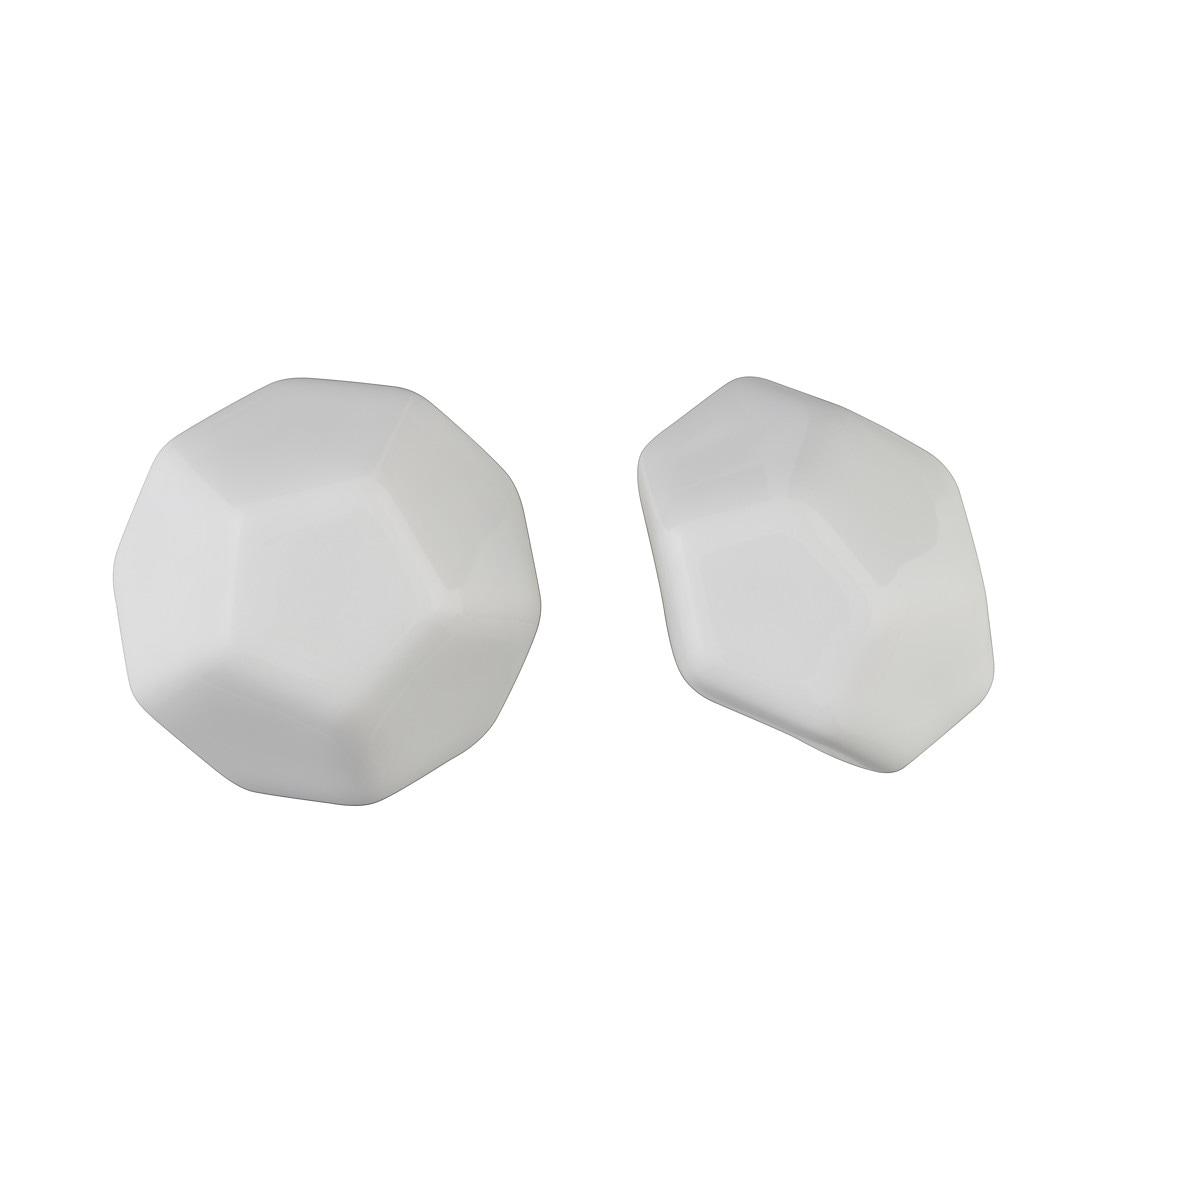 Porzellanknauf, Diamant